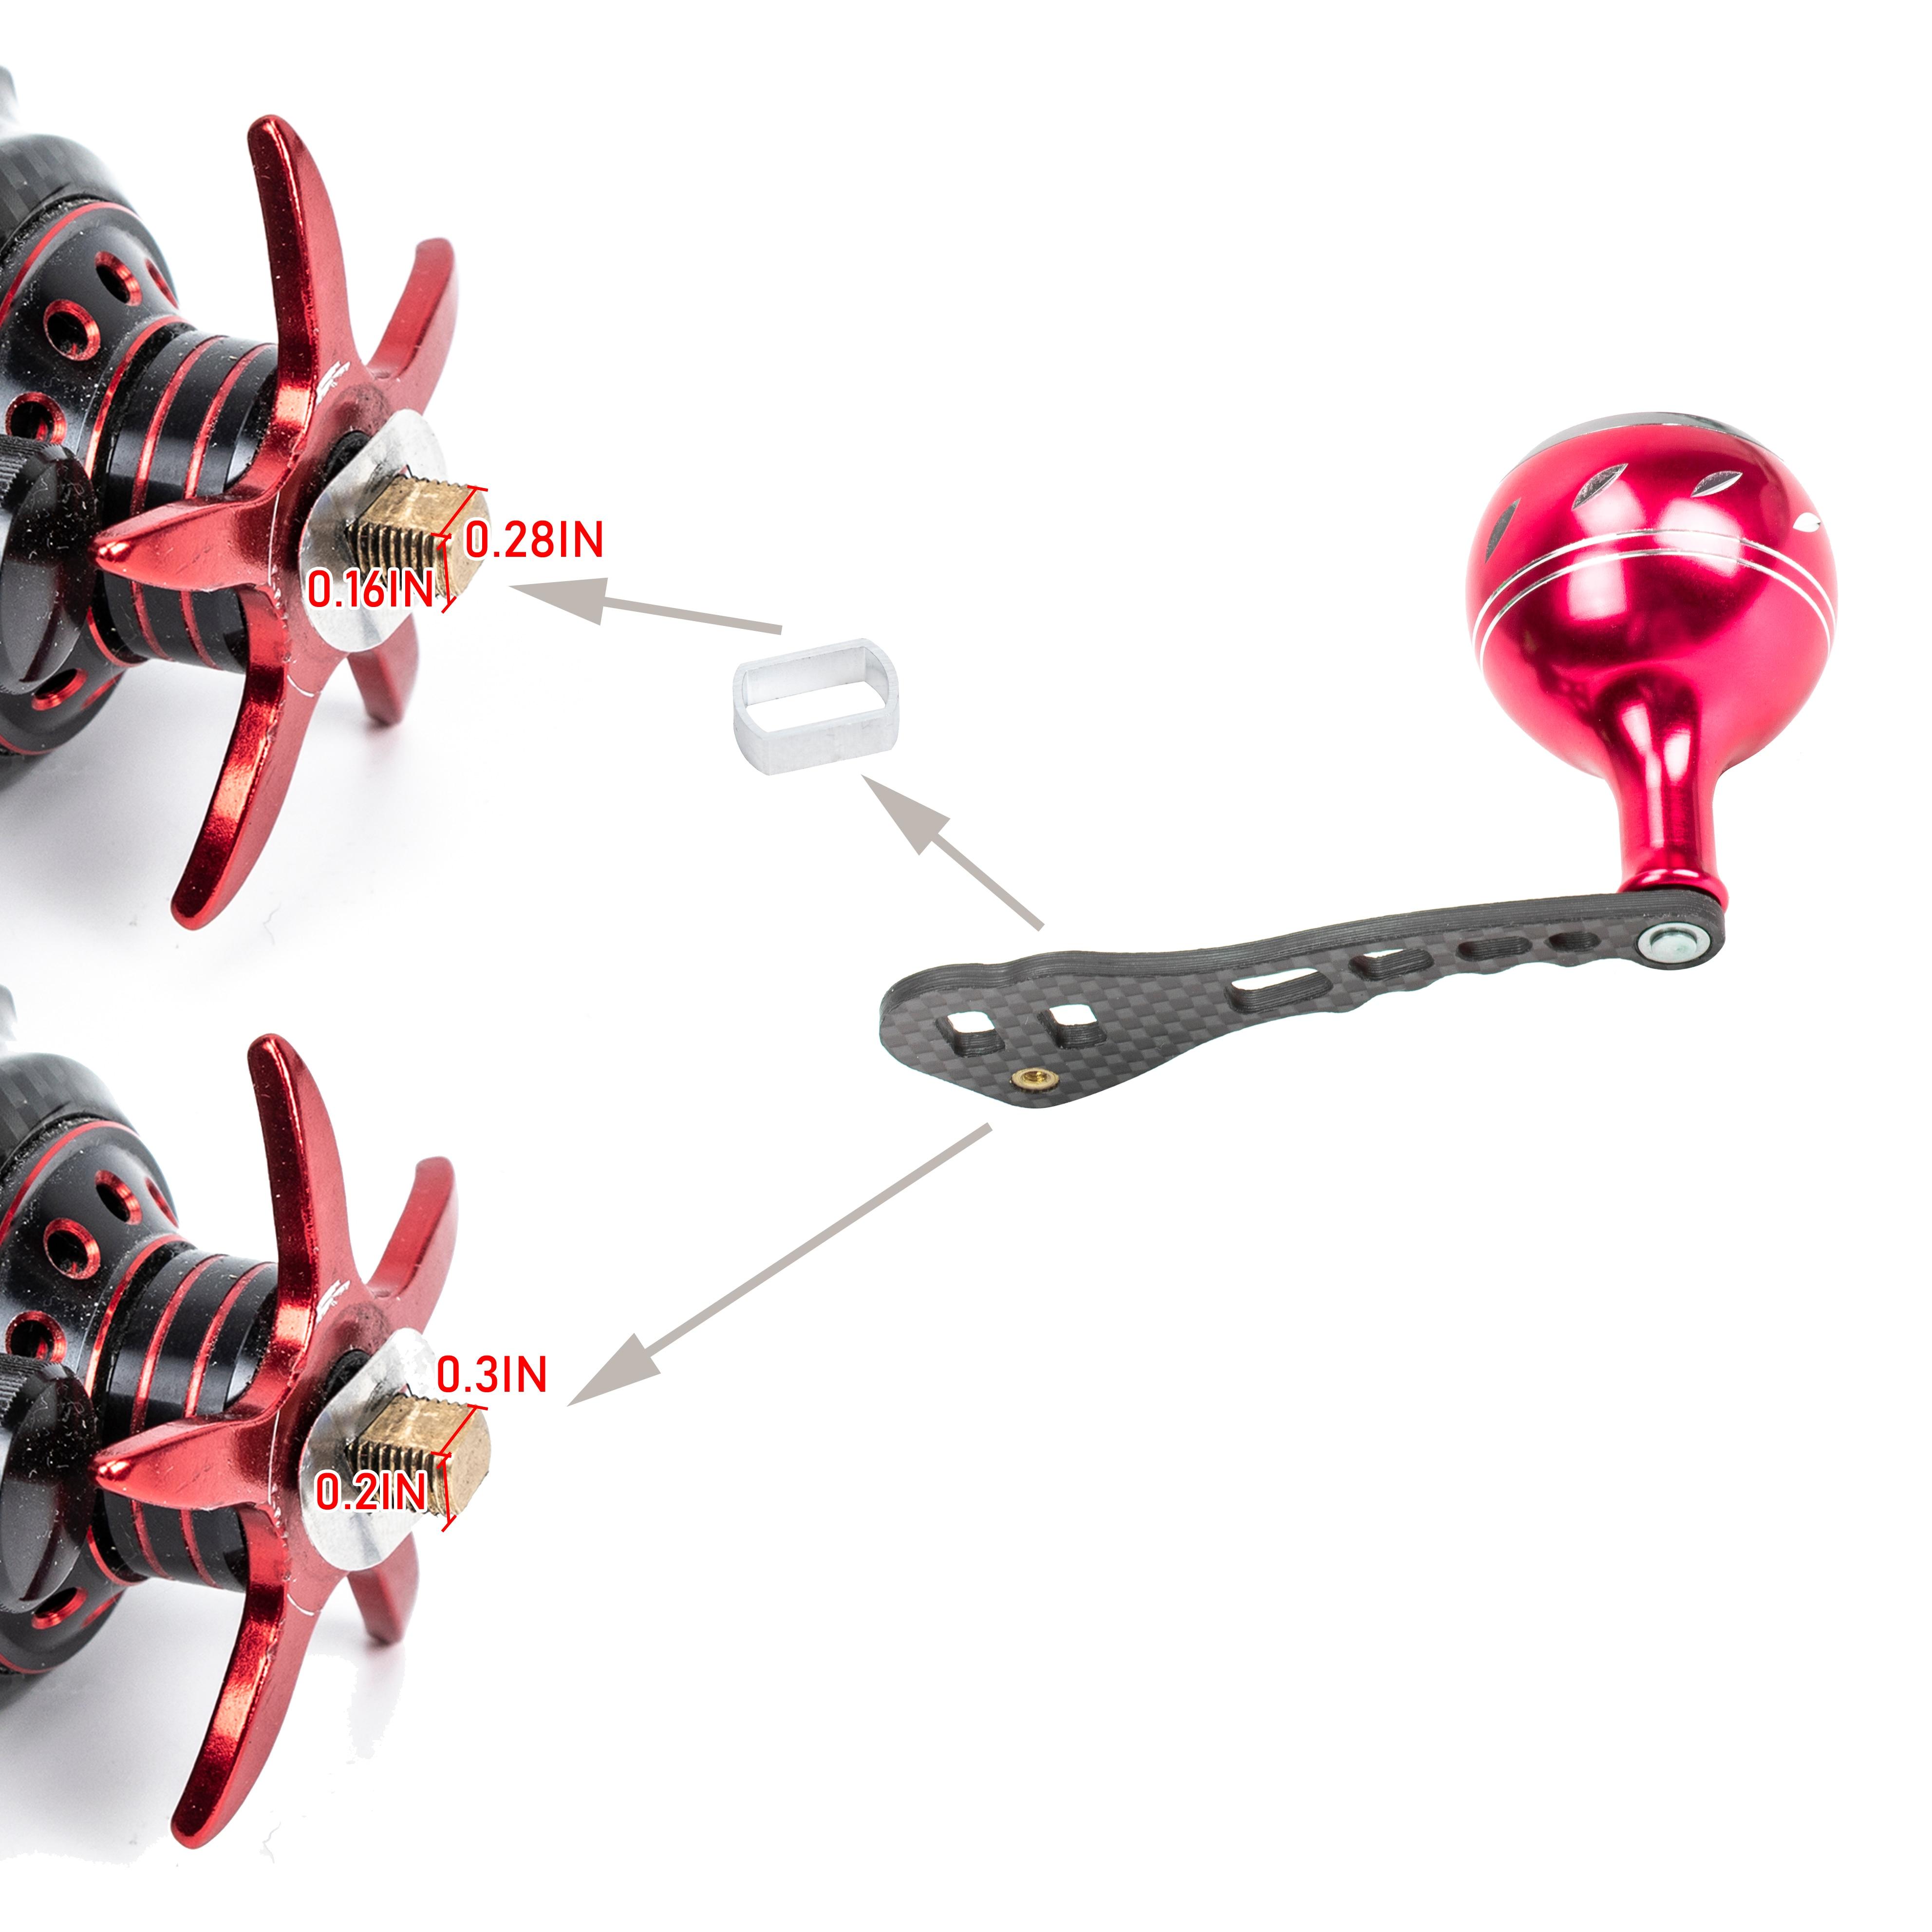 fibra de carbono acessorios para baitcasting carretel 03